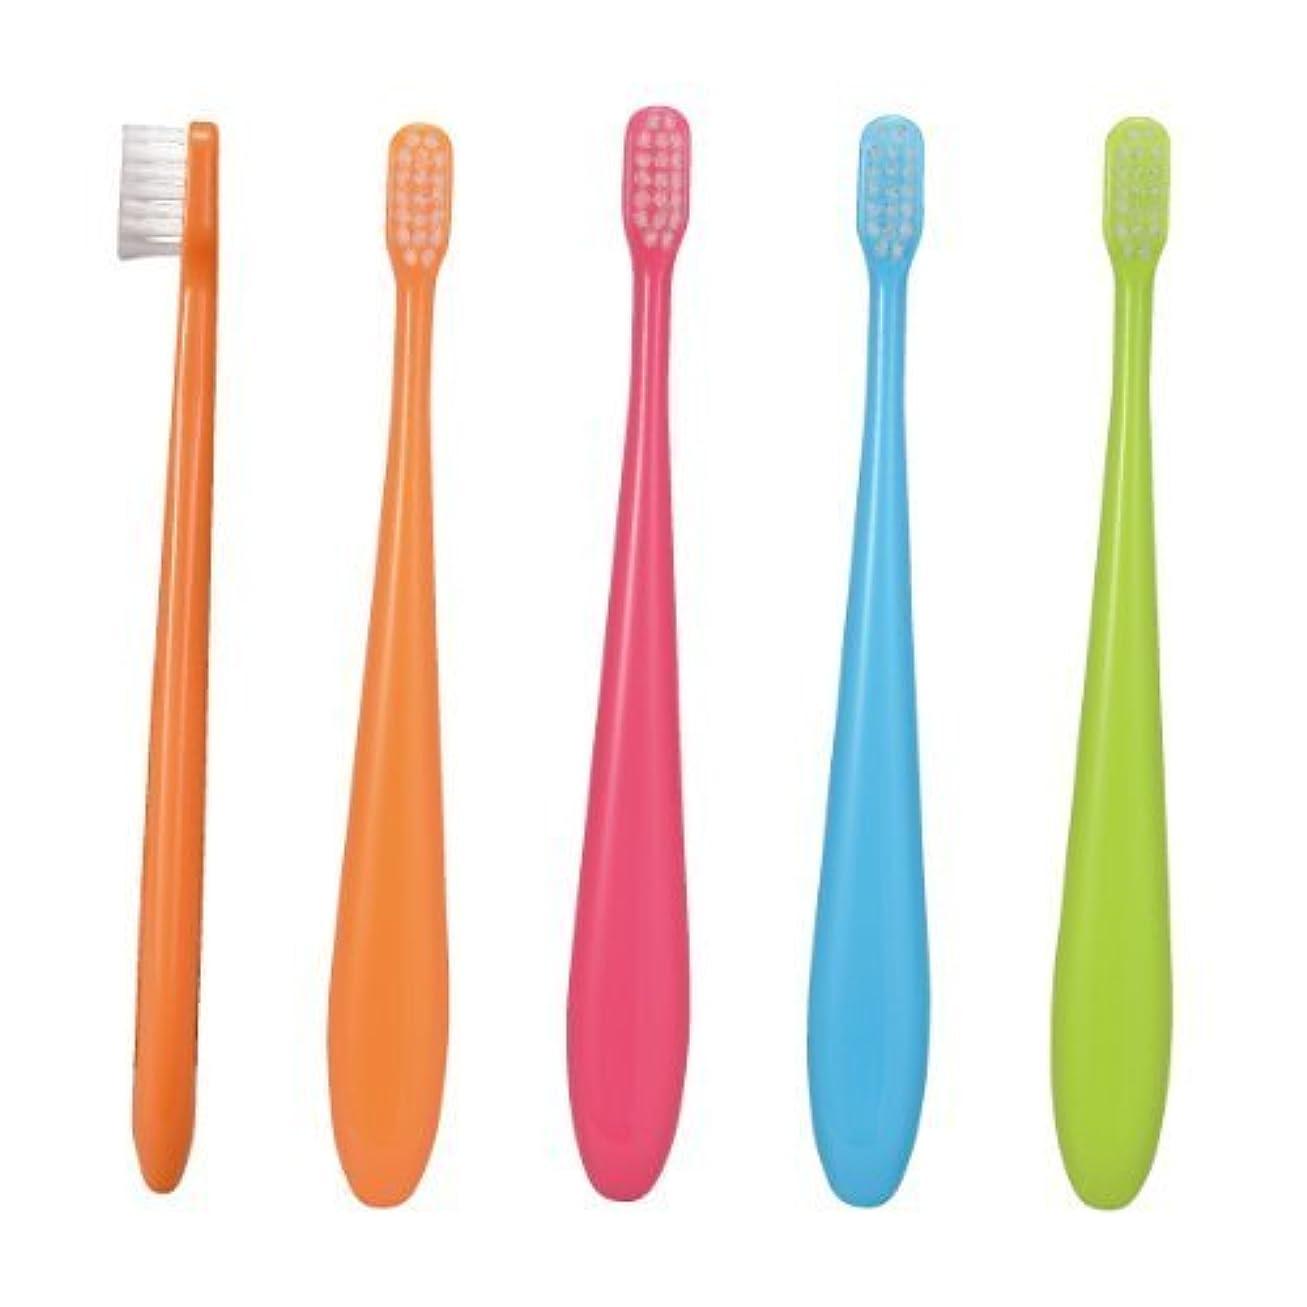 伸ばすと遊ぶではごきげんようCiミニ歯ブラシ/ミディ 50本入り/Mふつう